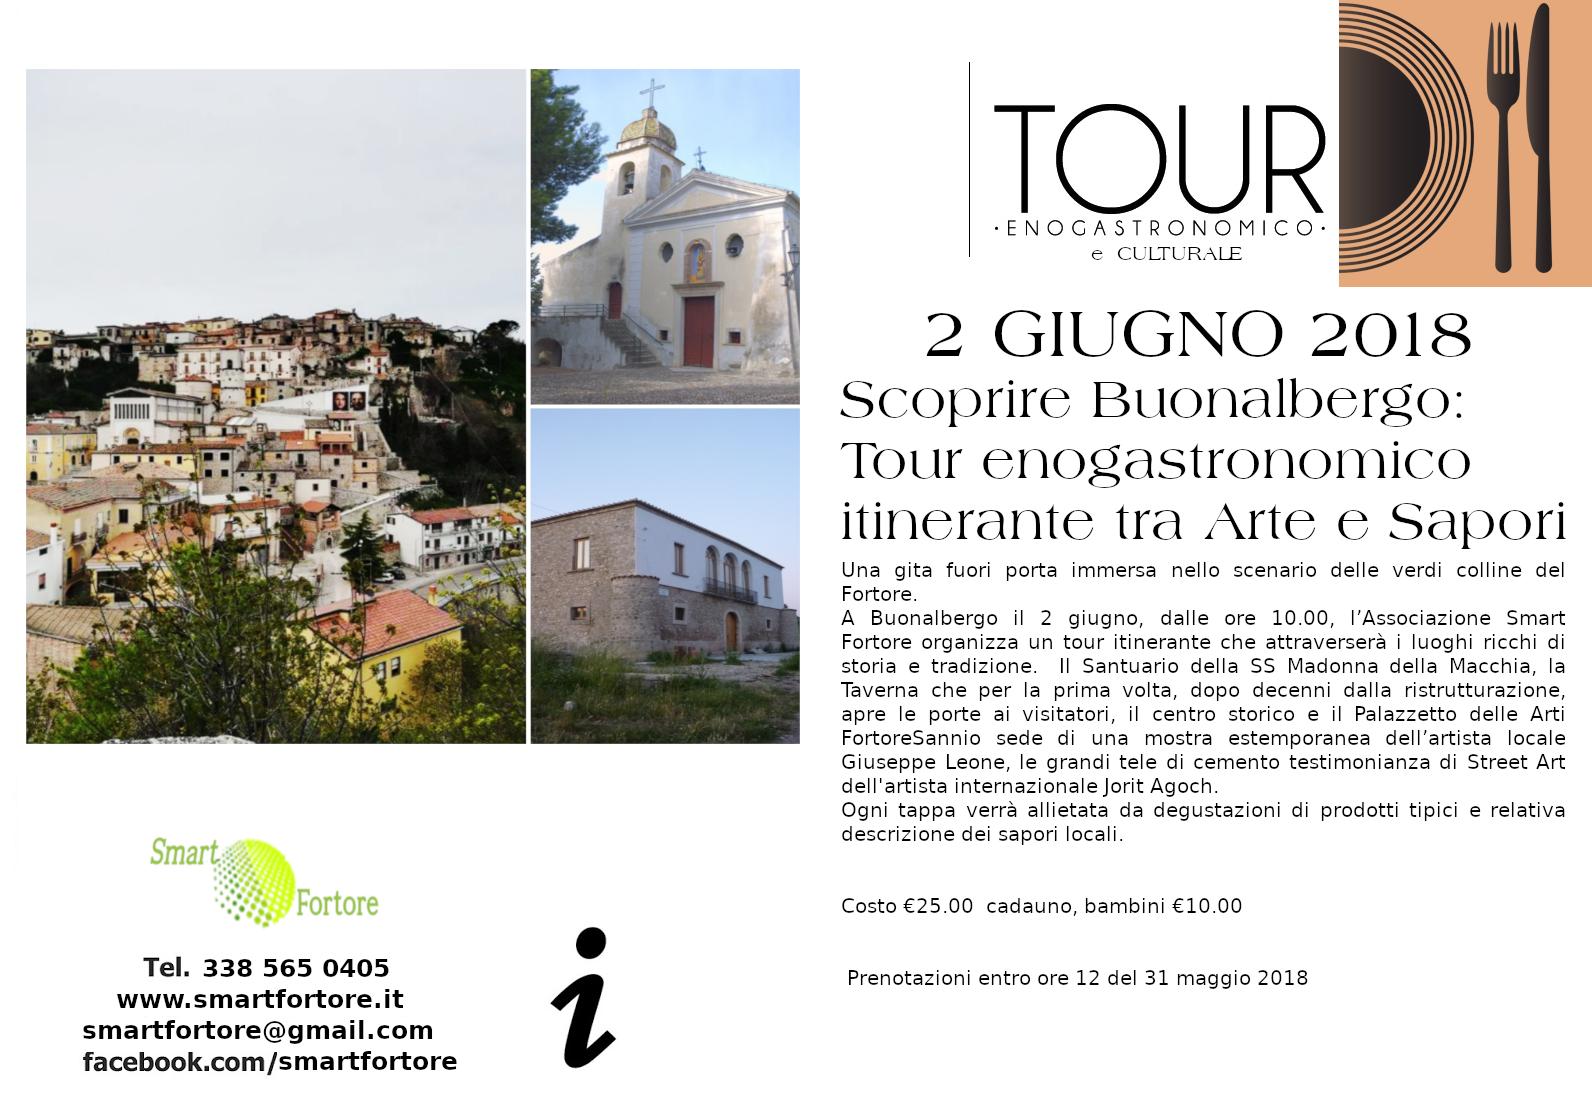 Tour enogastronomico itinerante tra arte e sapori